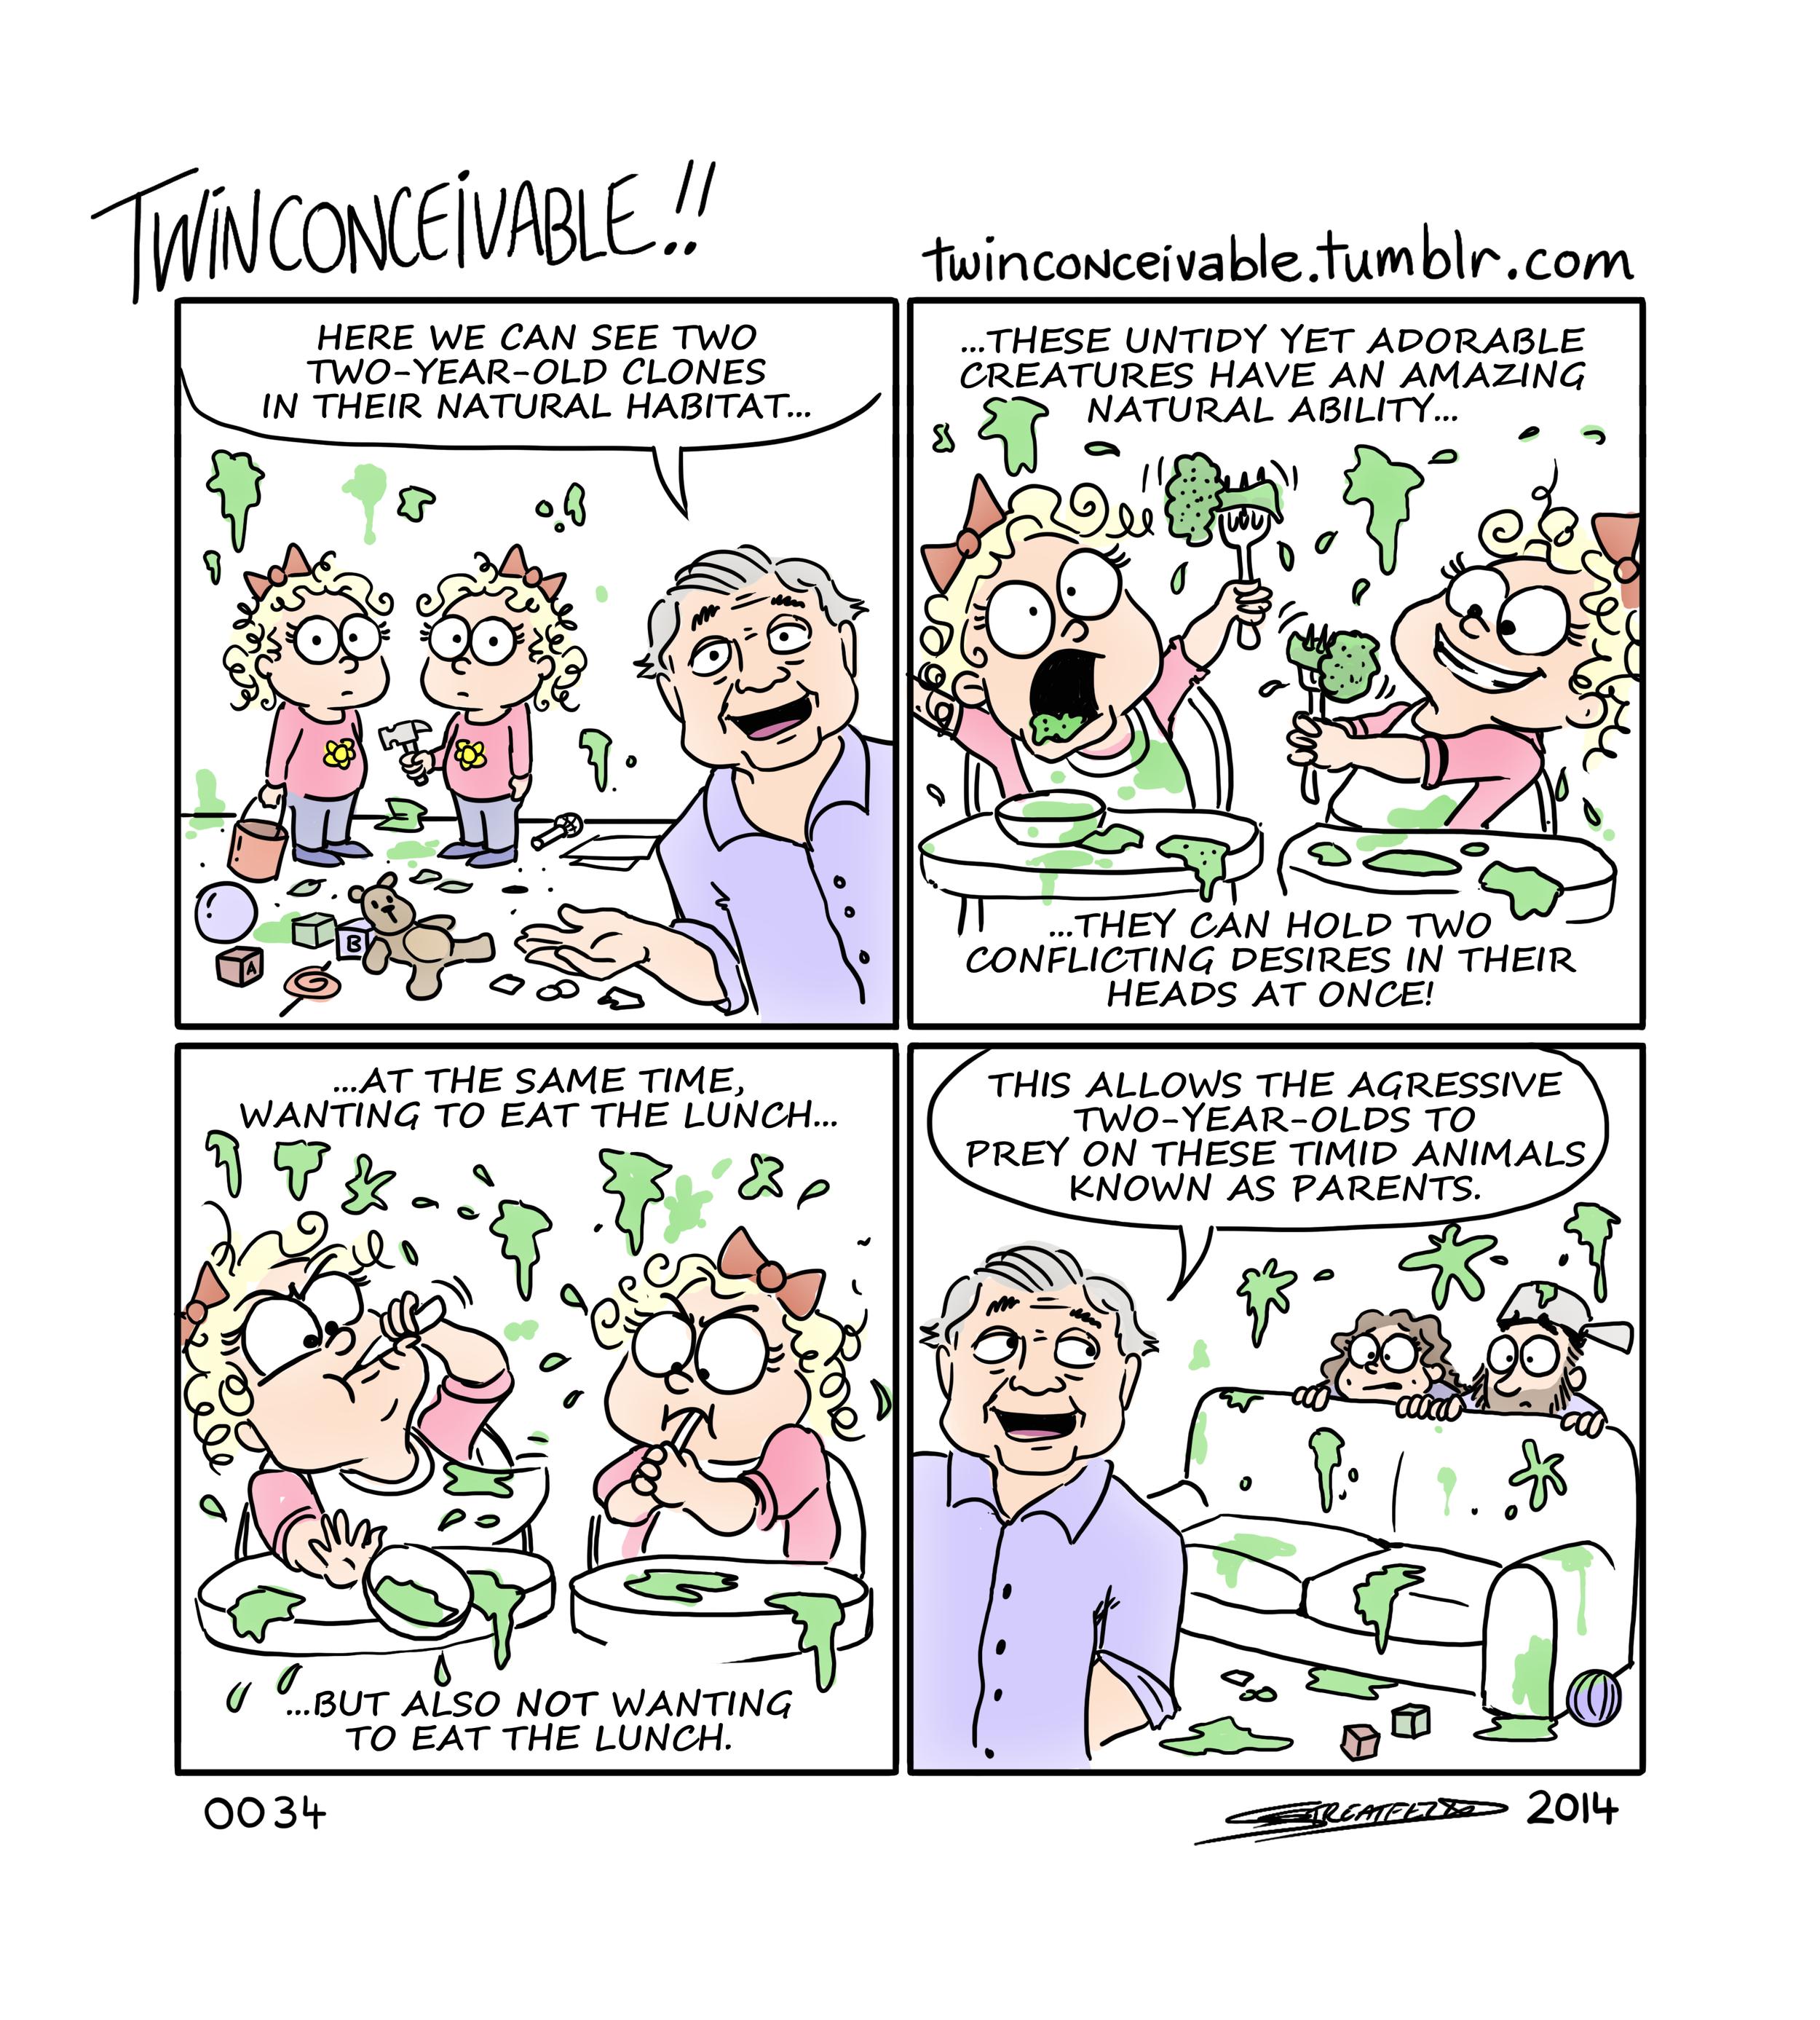 Twinconceivable0034__0002.png